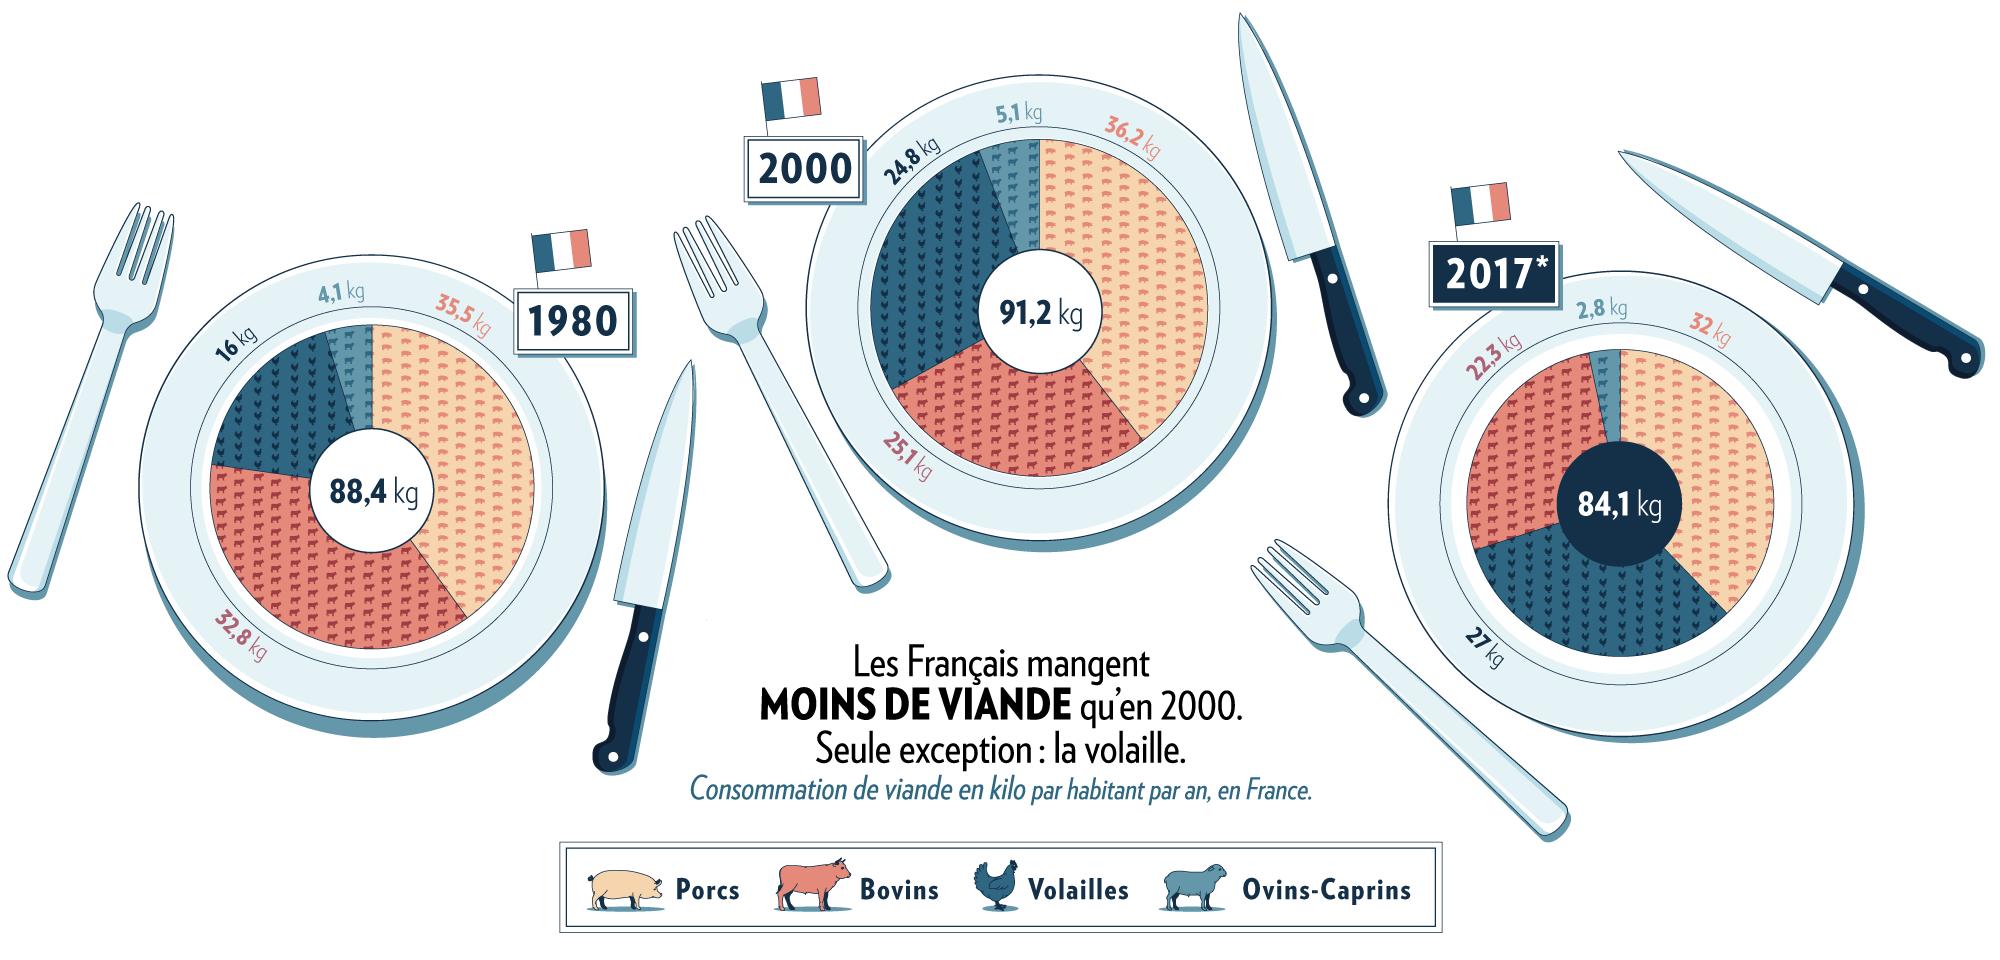 Infographie sur la consommation de viande en France